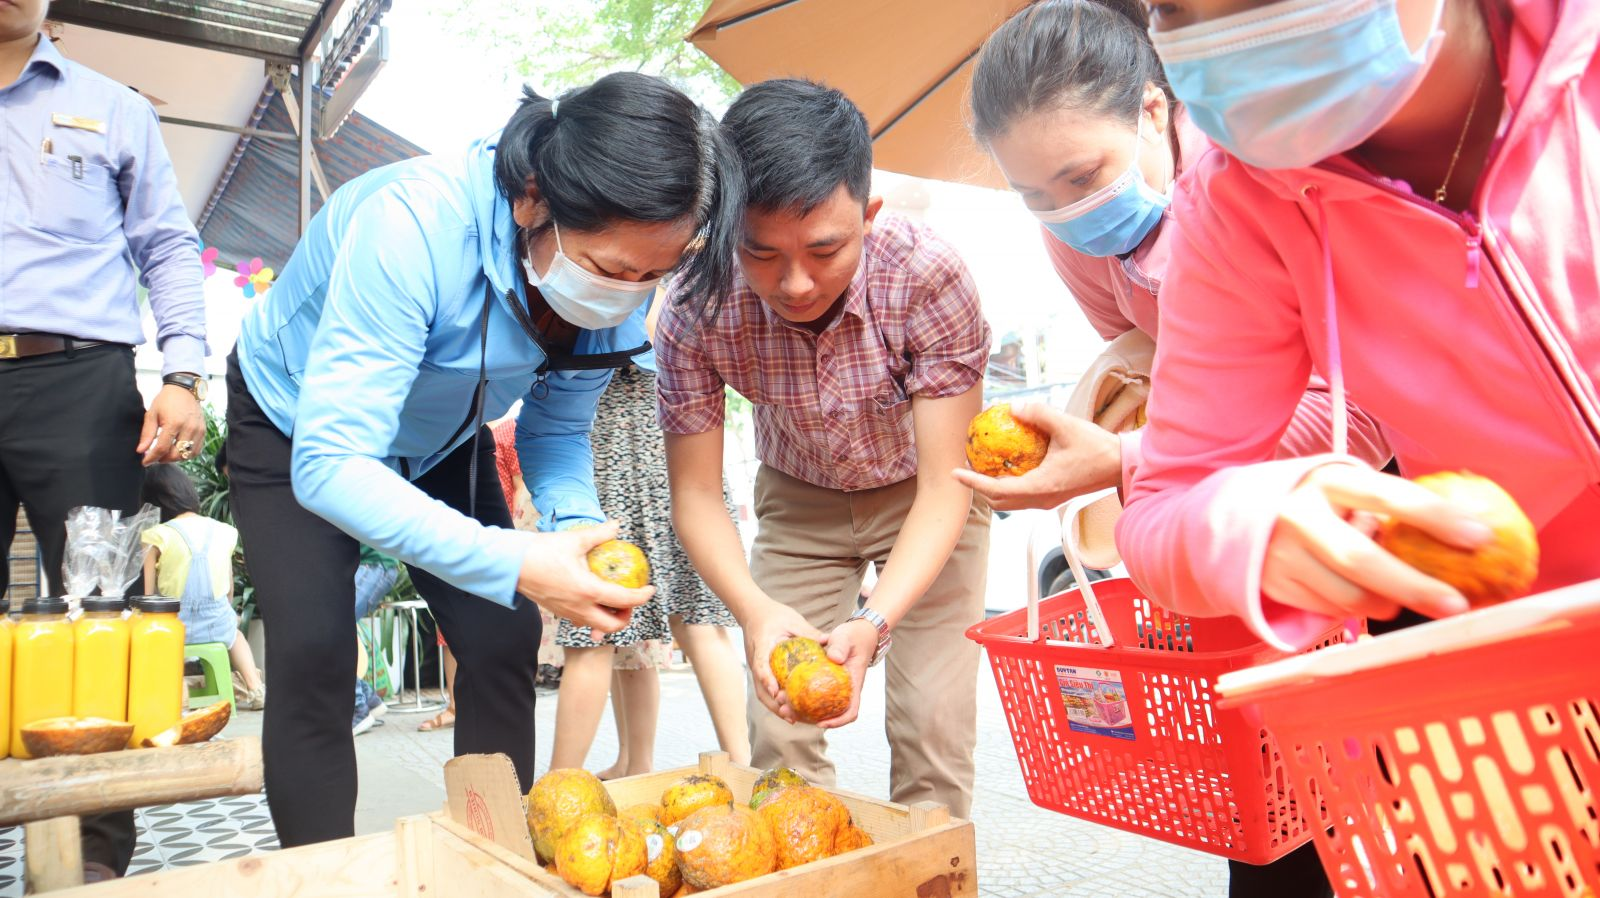 Anh Dương Hiển Tú trực tiếp tư vấn và lựa chọn giúp khách hàng những sản phẩm nông sản sạch.